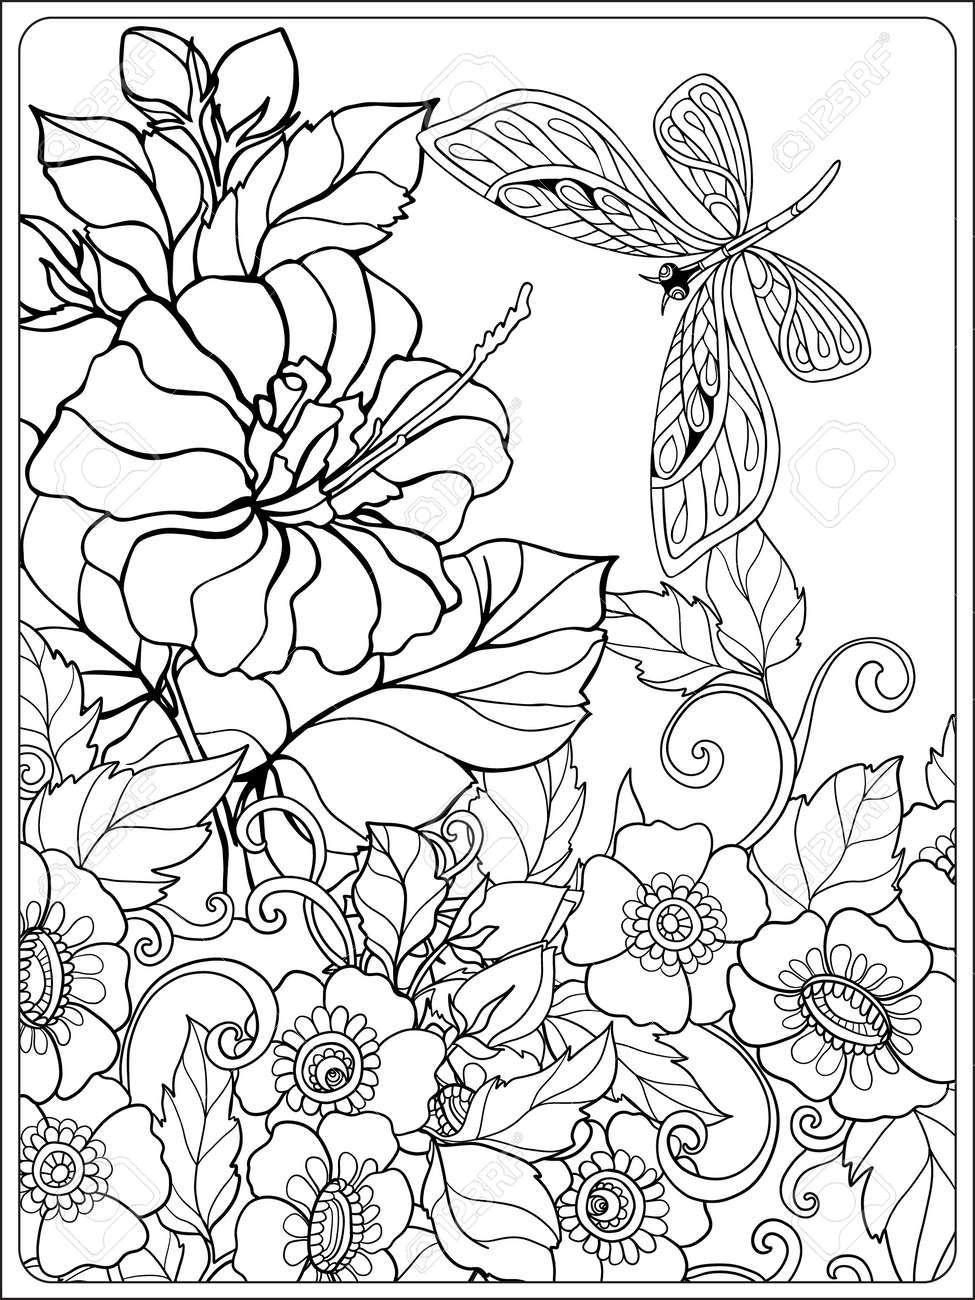 Magnífico Encontrar Colorante Libro Ilustración - Dibujos Para ...